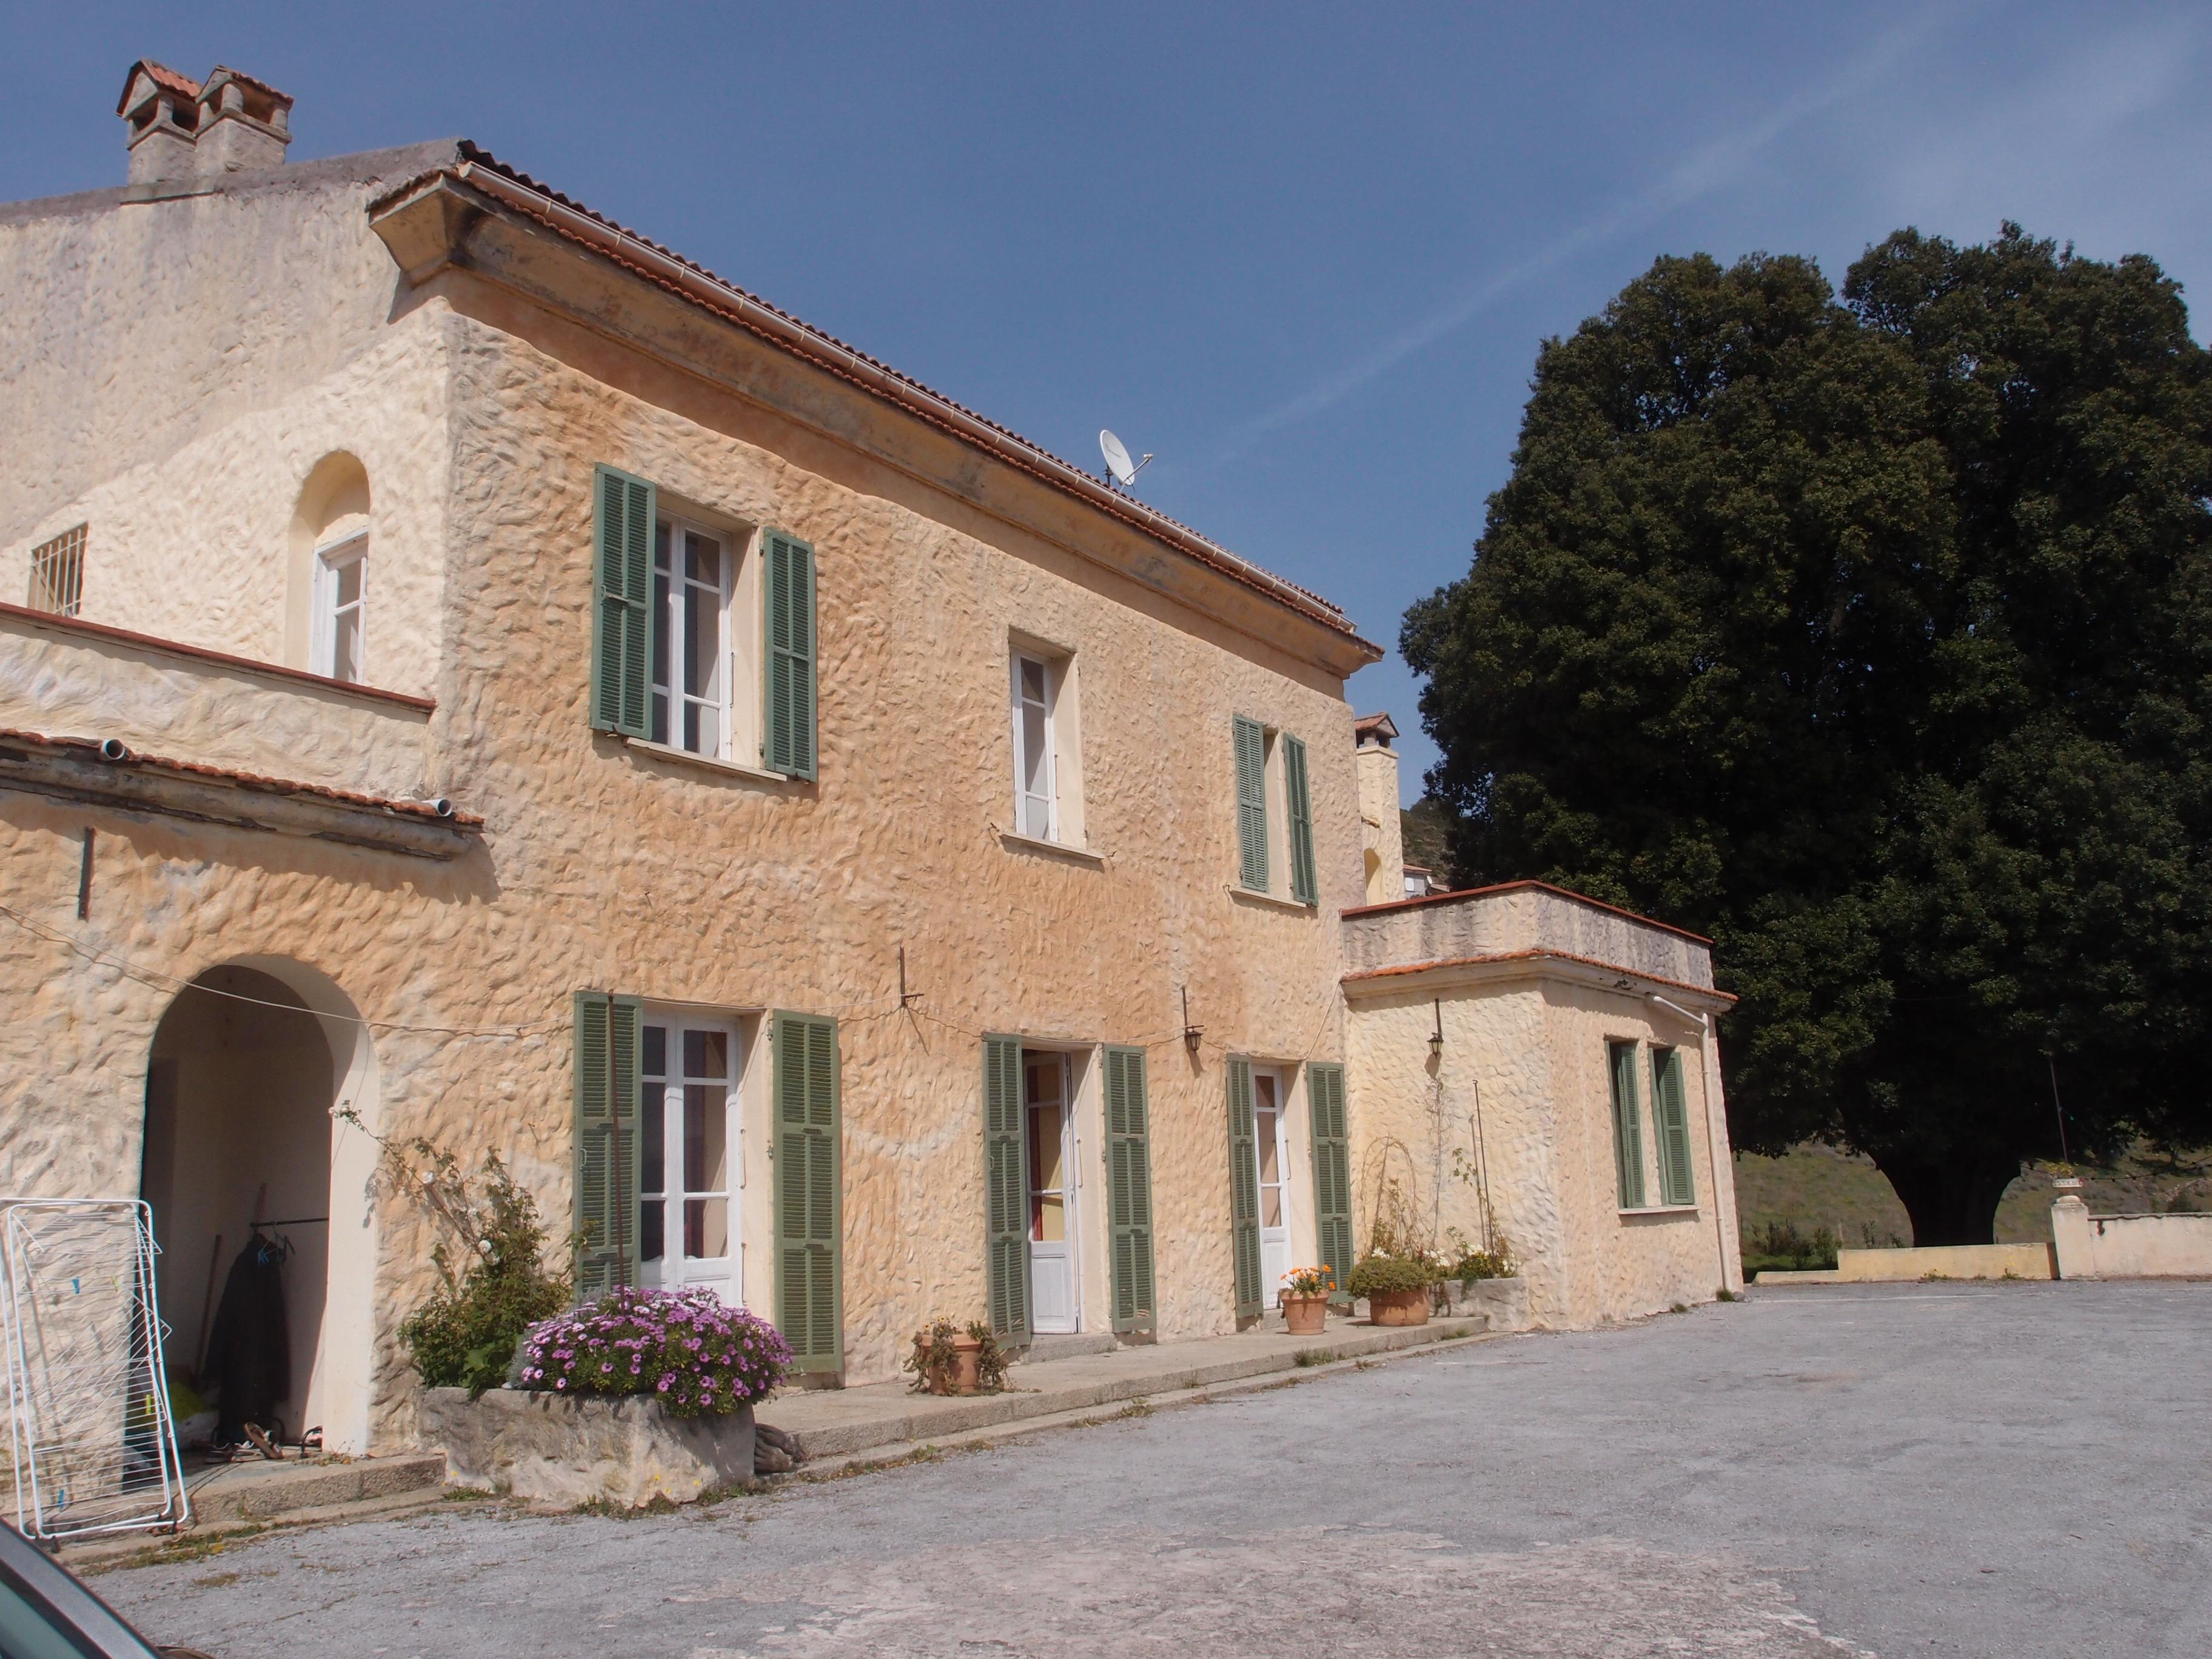 La maison La Ventulella